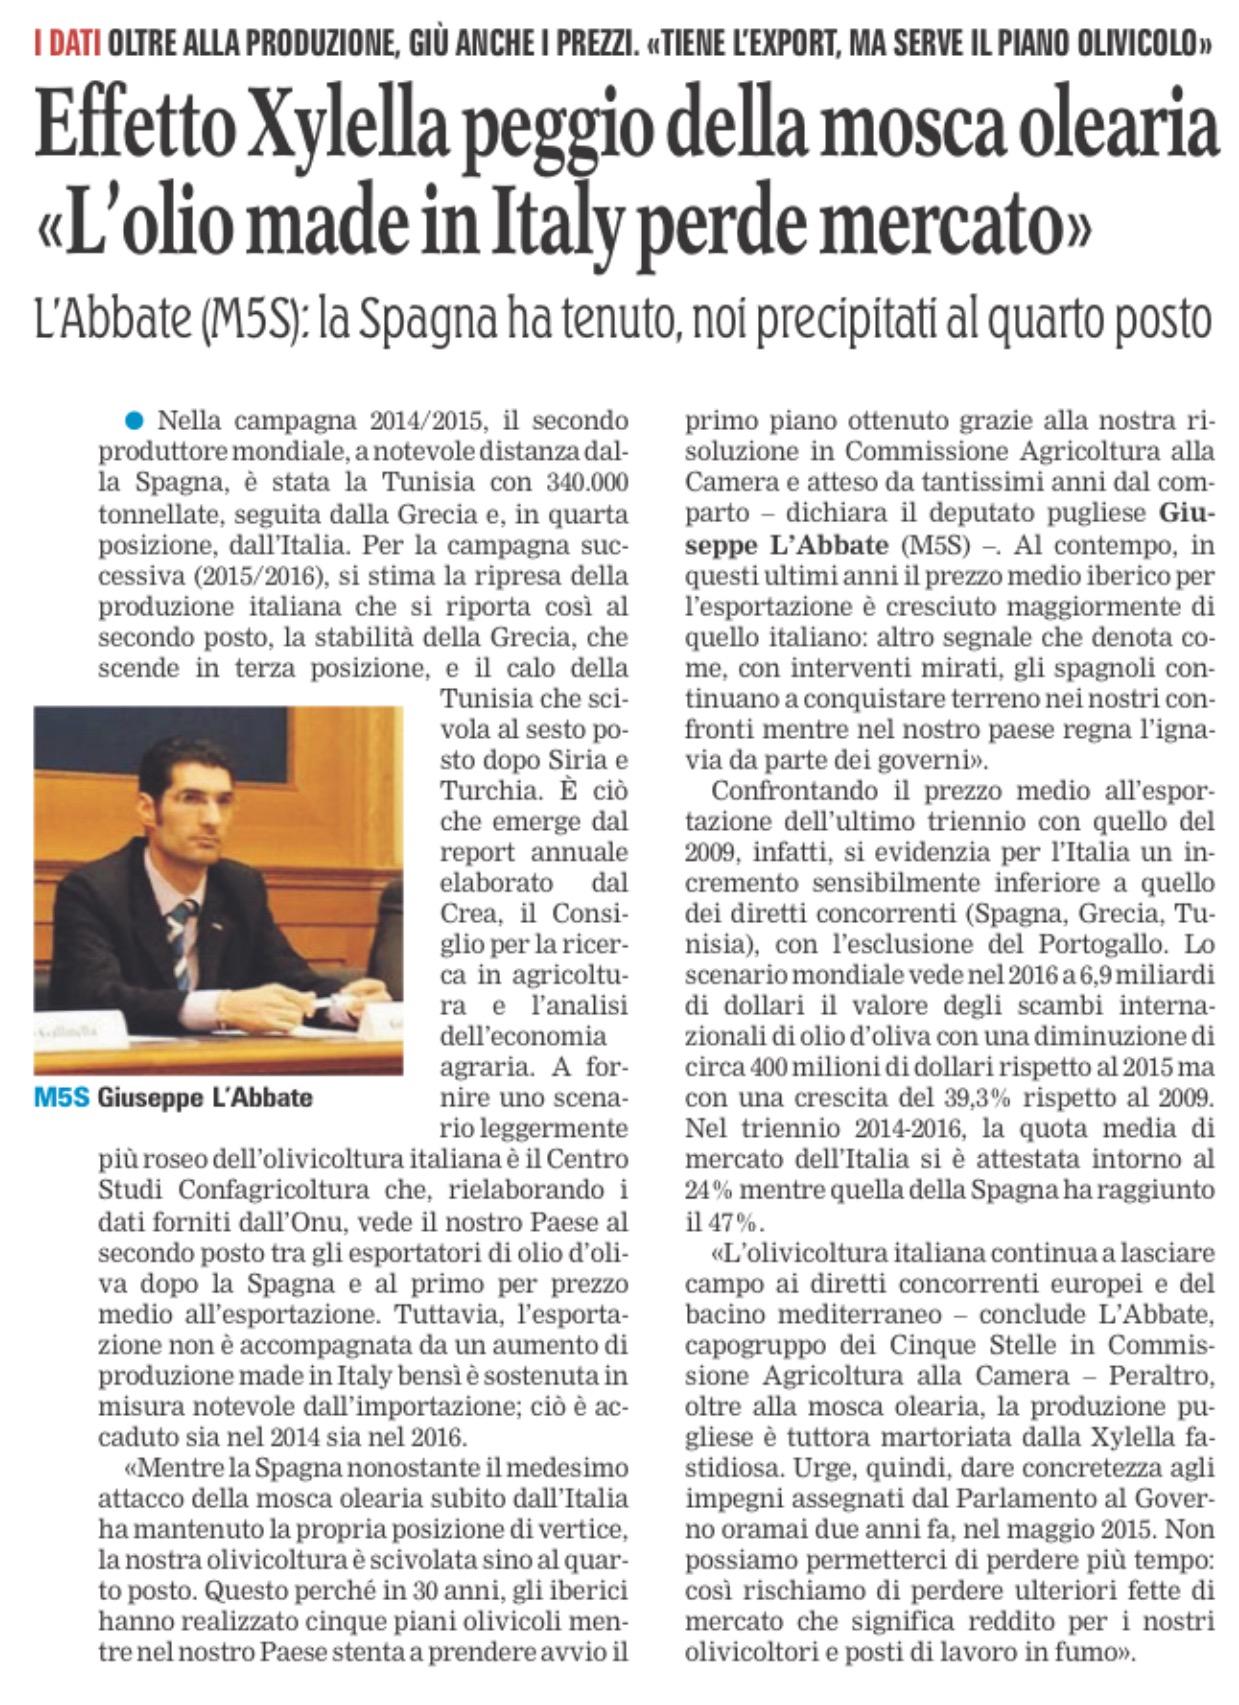 La Gazzetta del Mezzogiorno - 22.04.2017